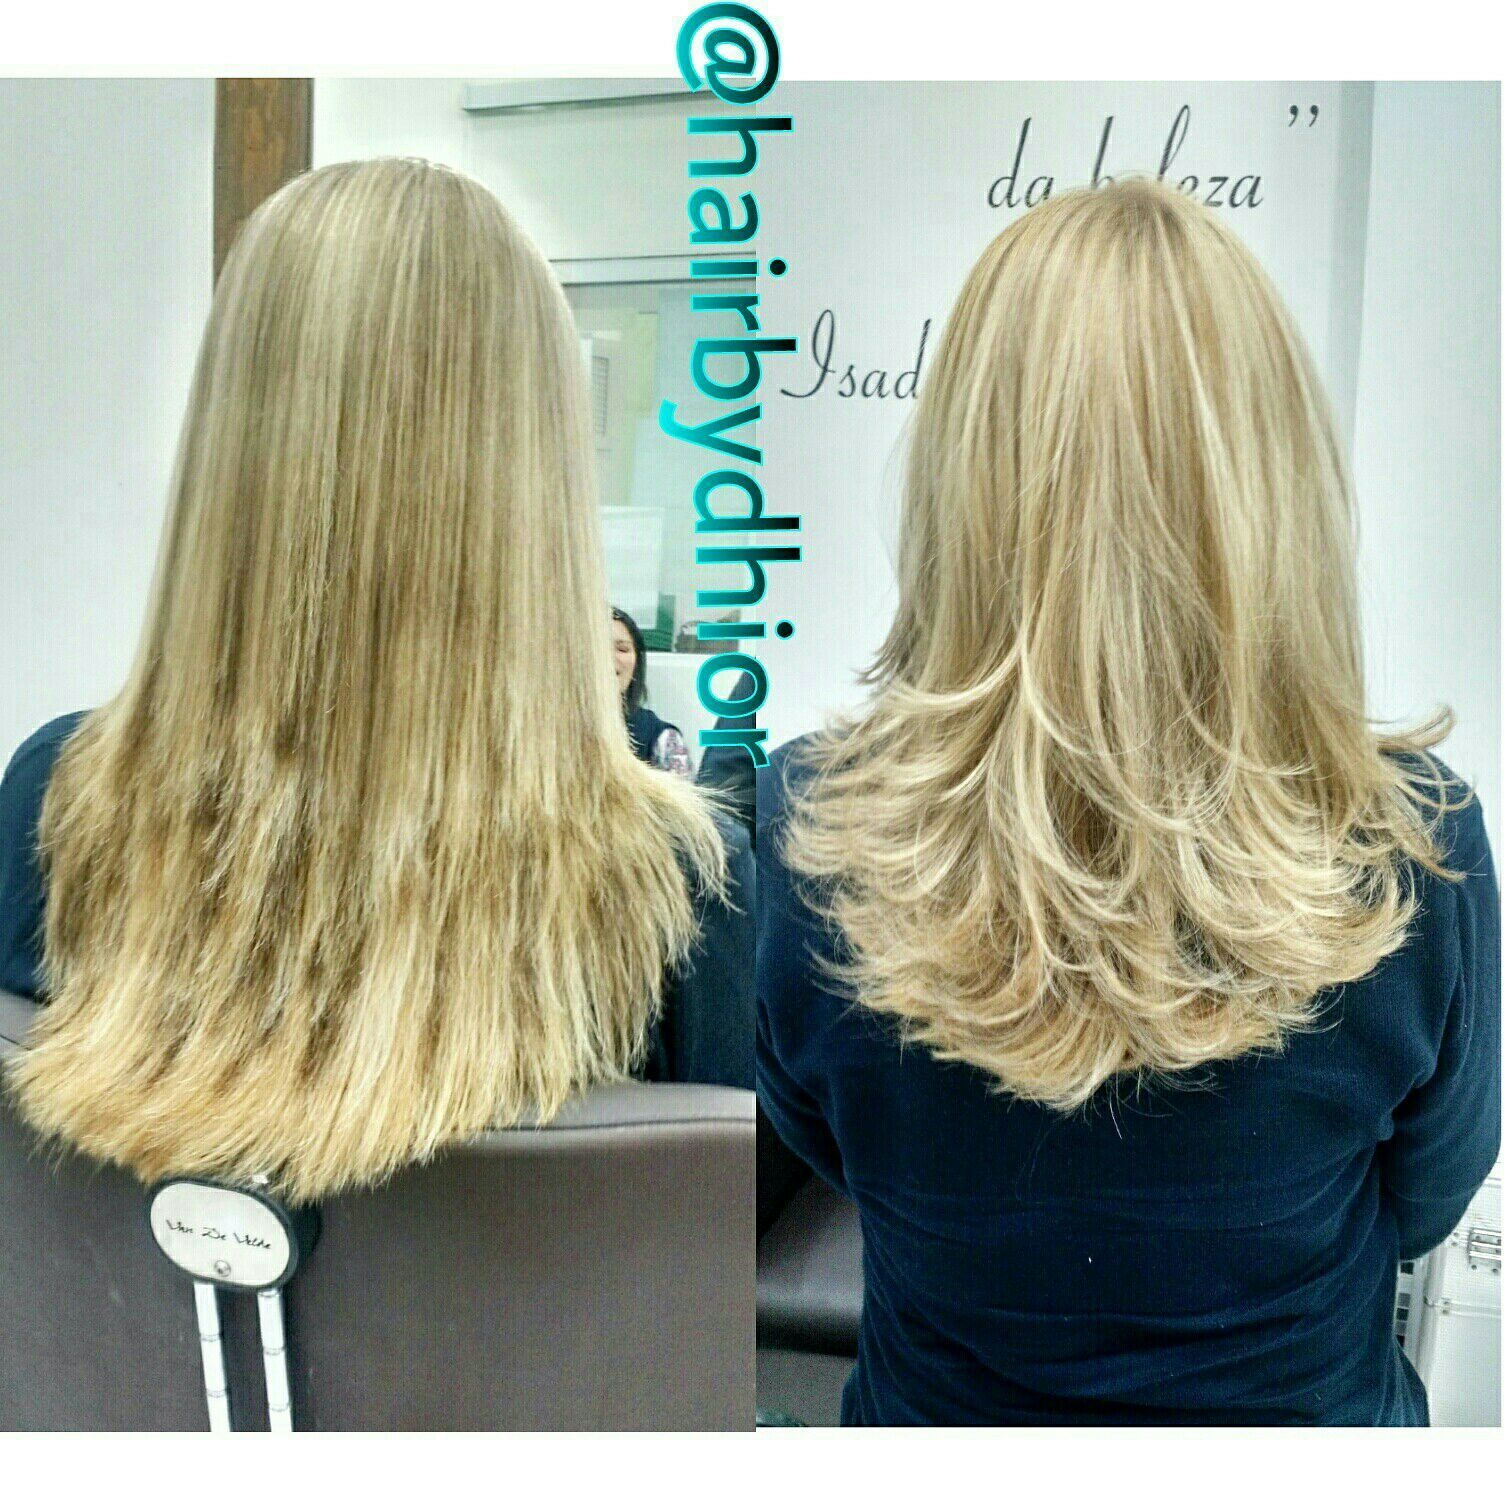 Fizemos o primeiro passo para corrigir esse cabelo, que precisava cortar, ser tratado e correções de Cor. cabelo cabeleireiro(a)